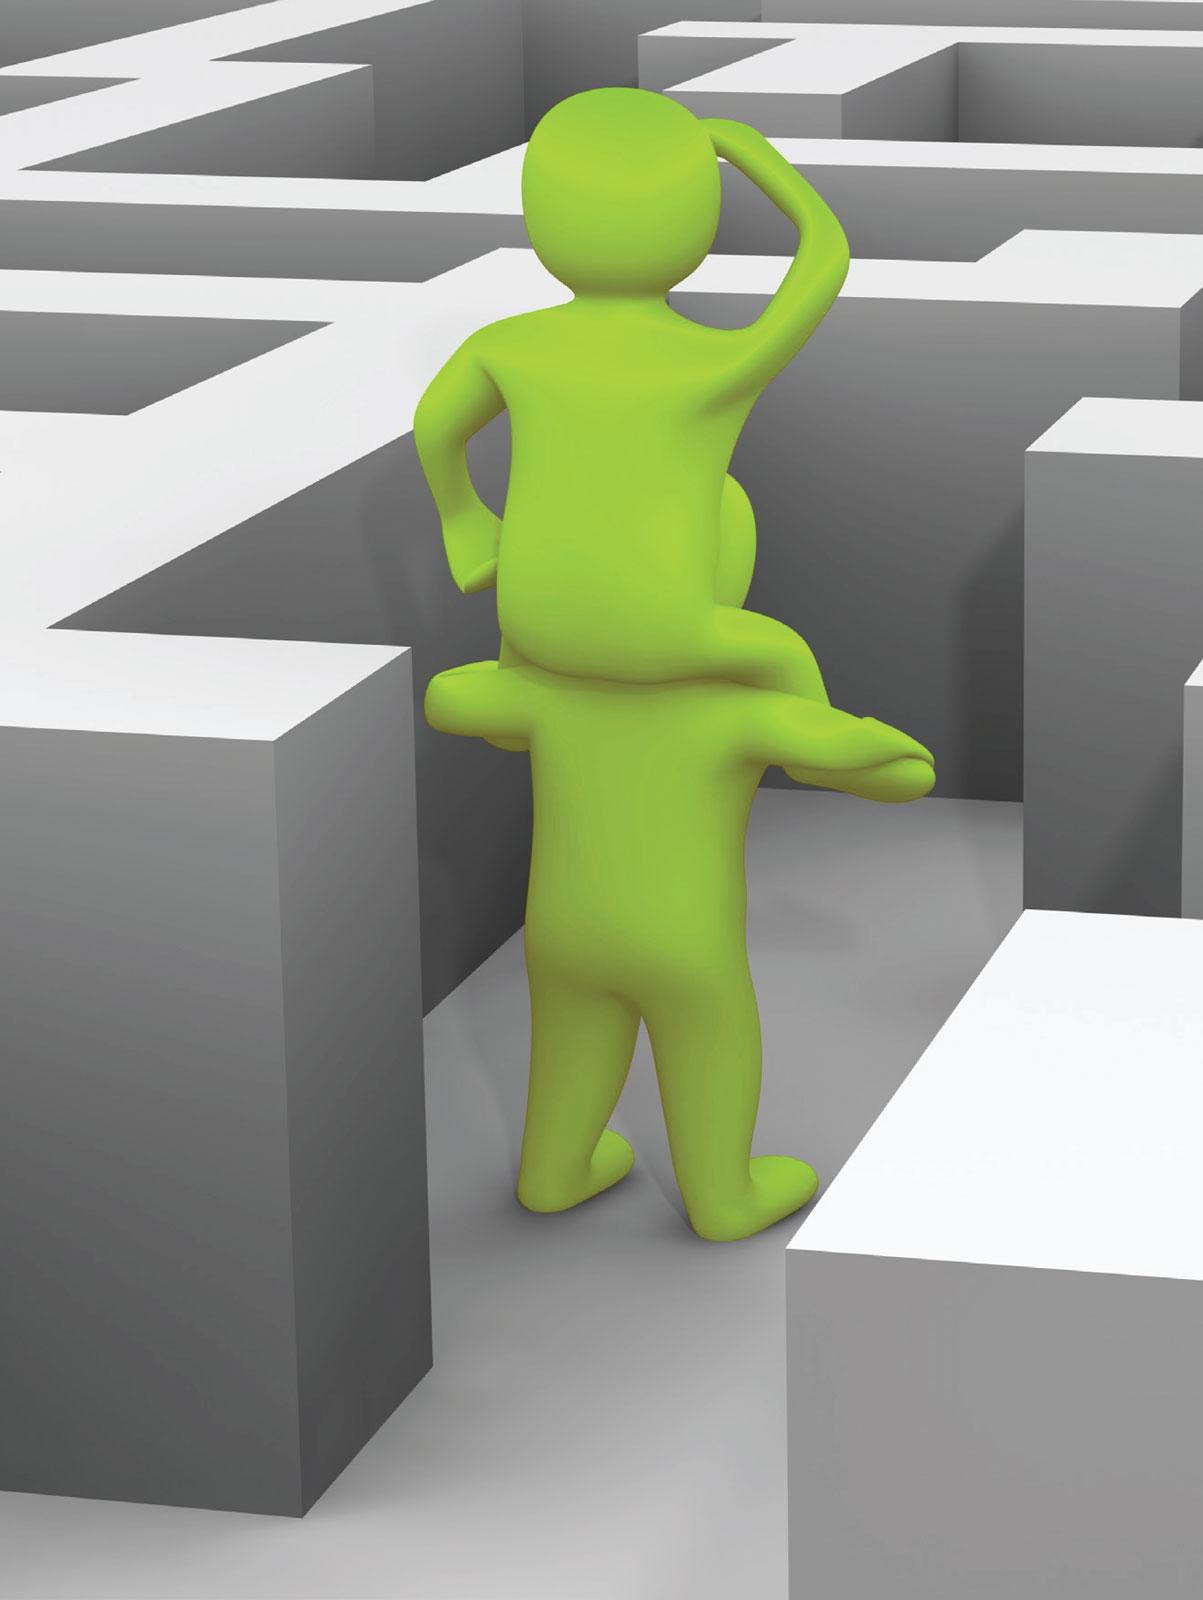 vinciamo-il-gioco-associazione-contro-gioco-azzardo-aiuto-labirinto